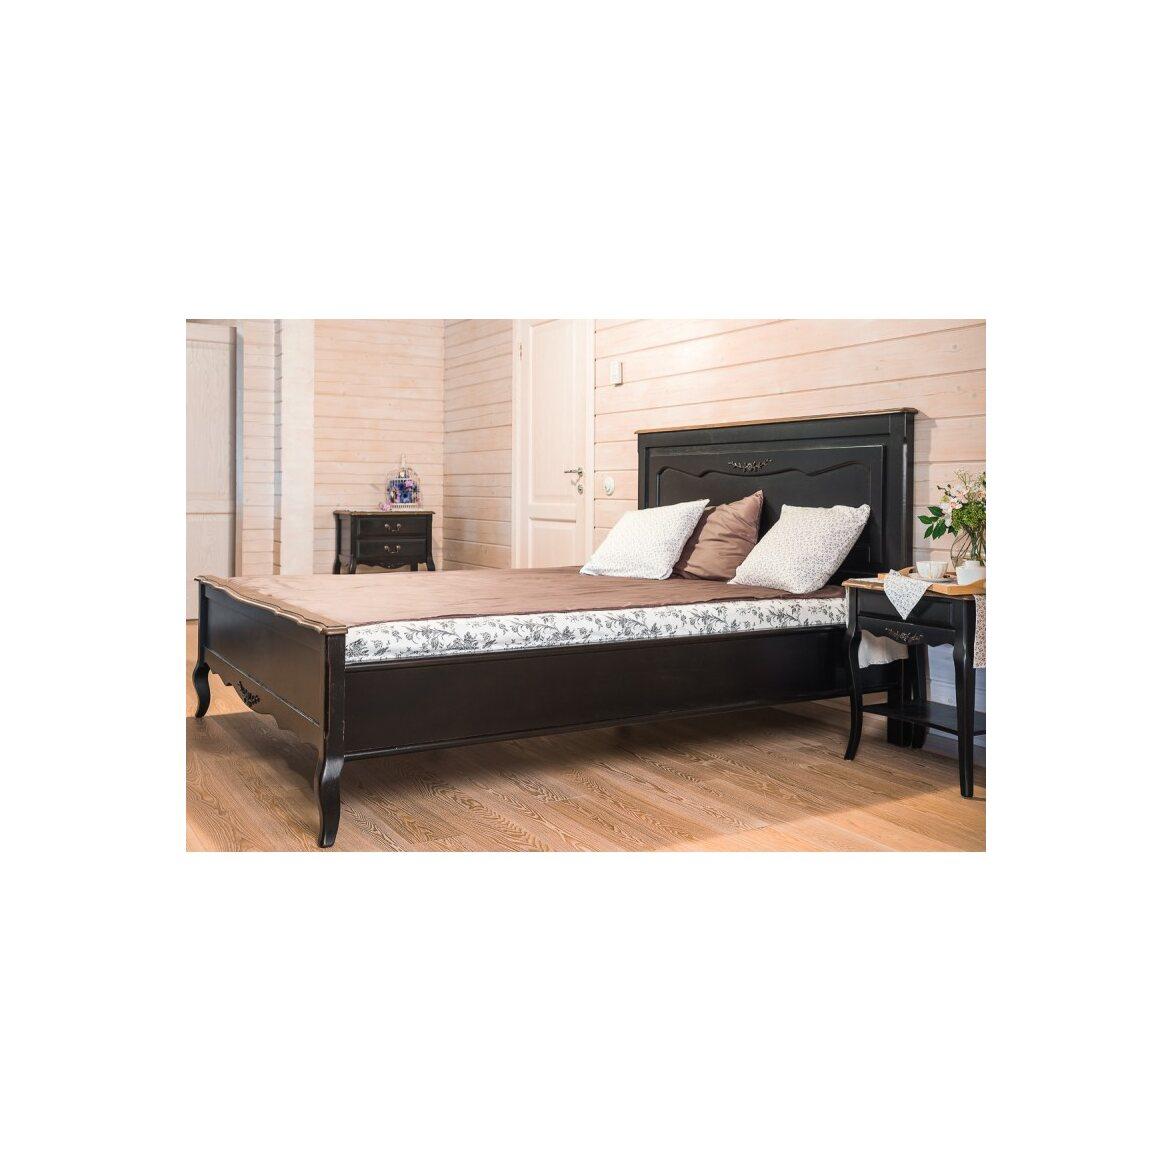 Кровать деревянная 180х200 Leontina, черного цвета 3 | Двуспальные кровати Kingsby